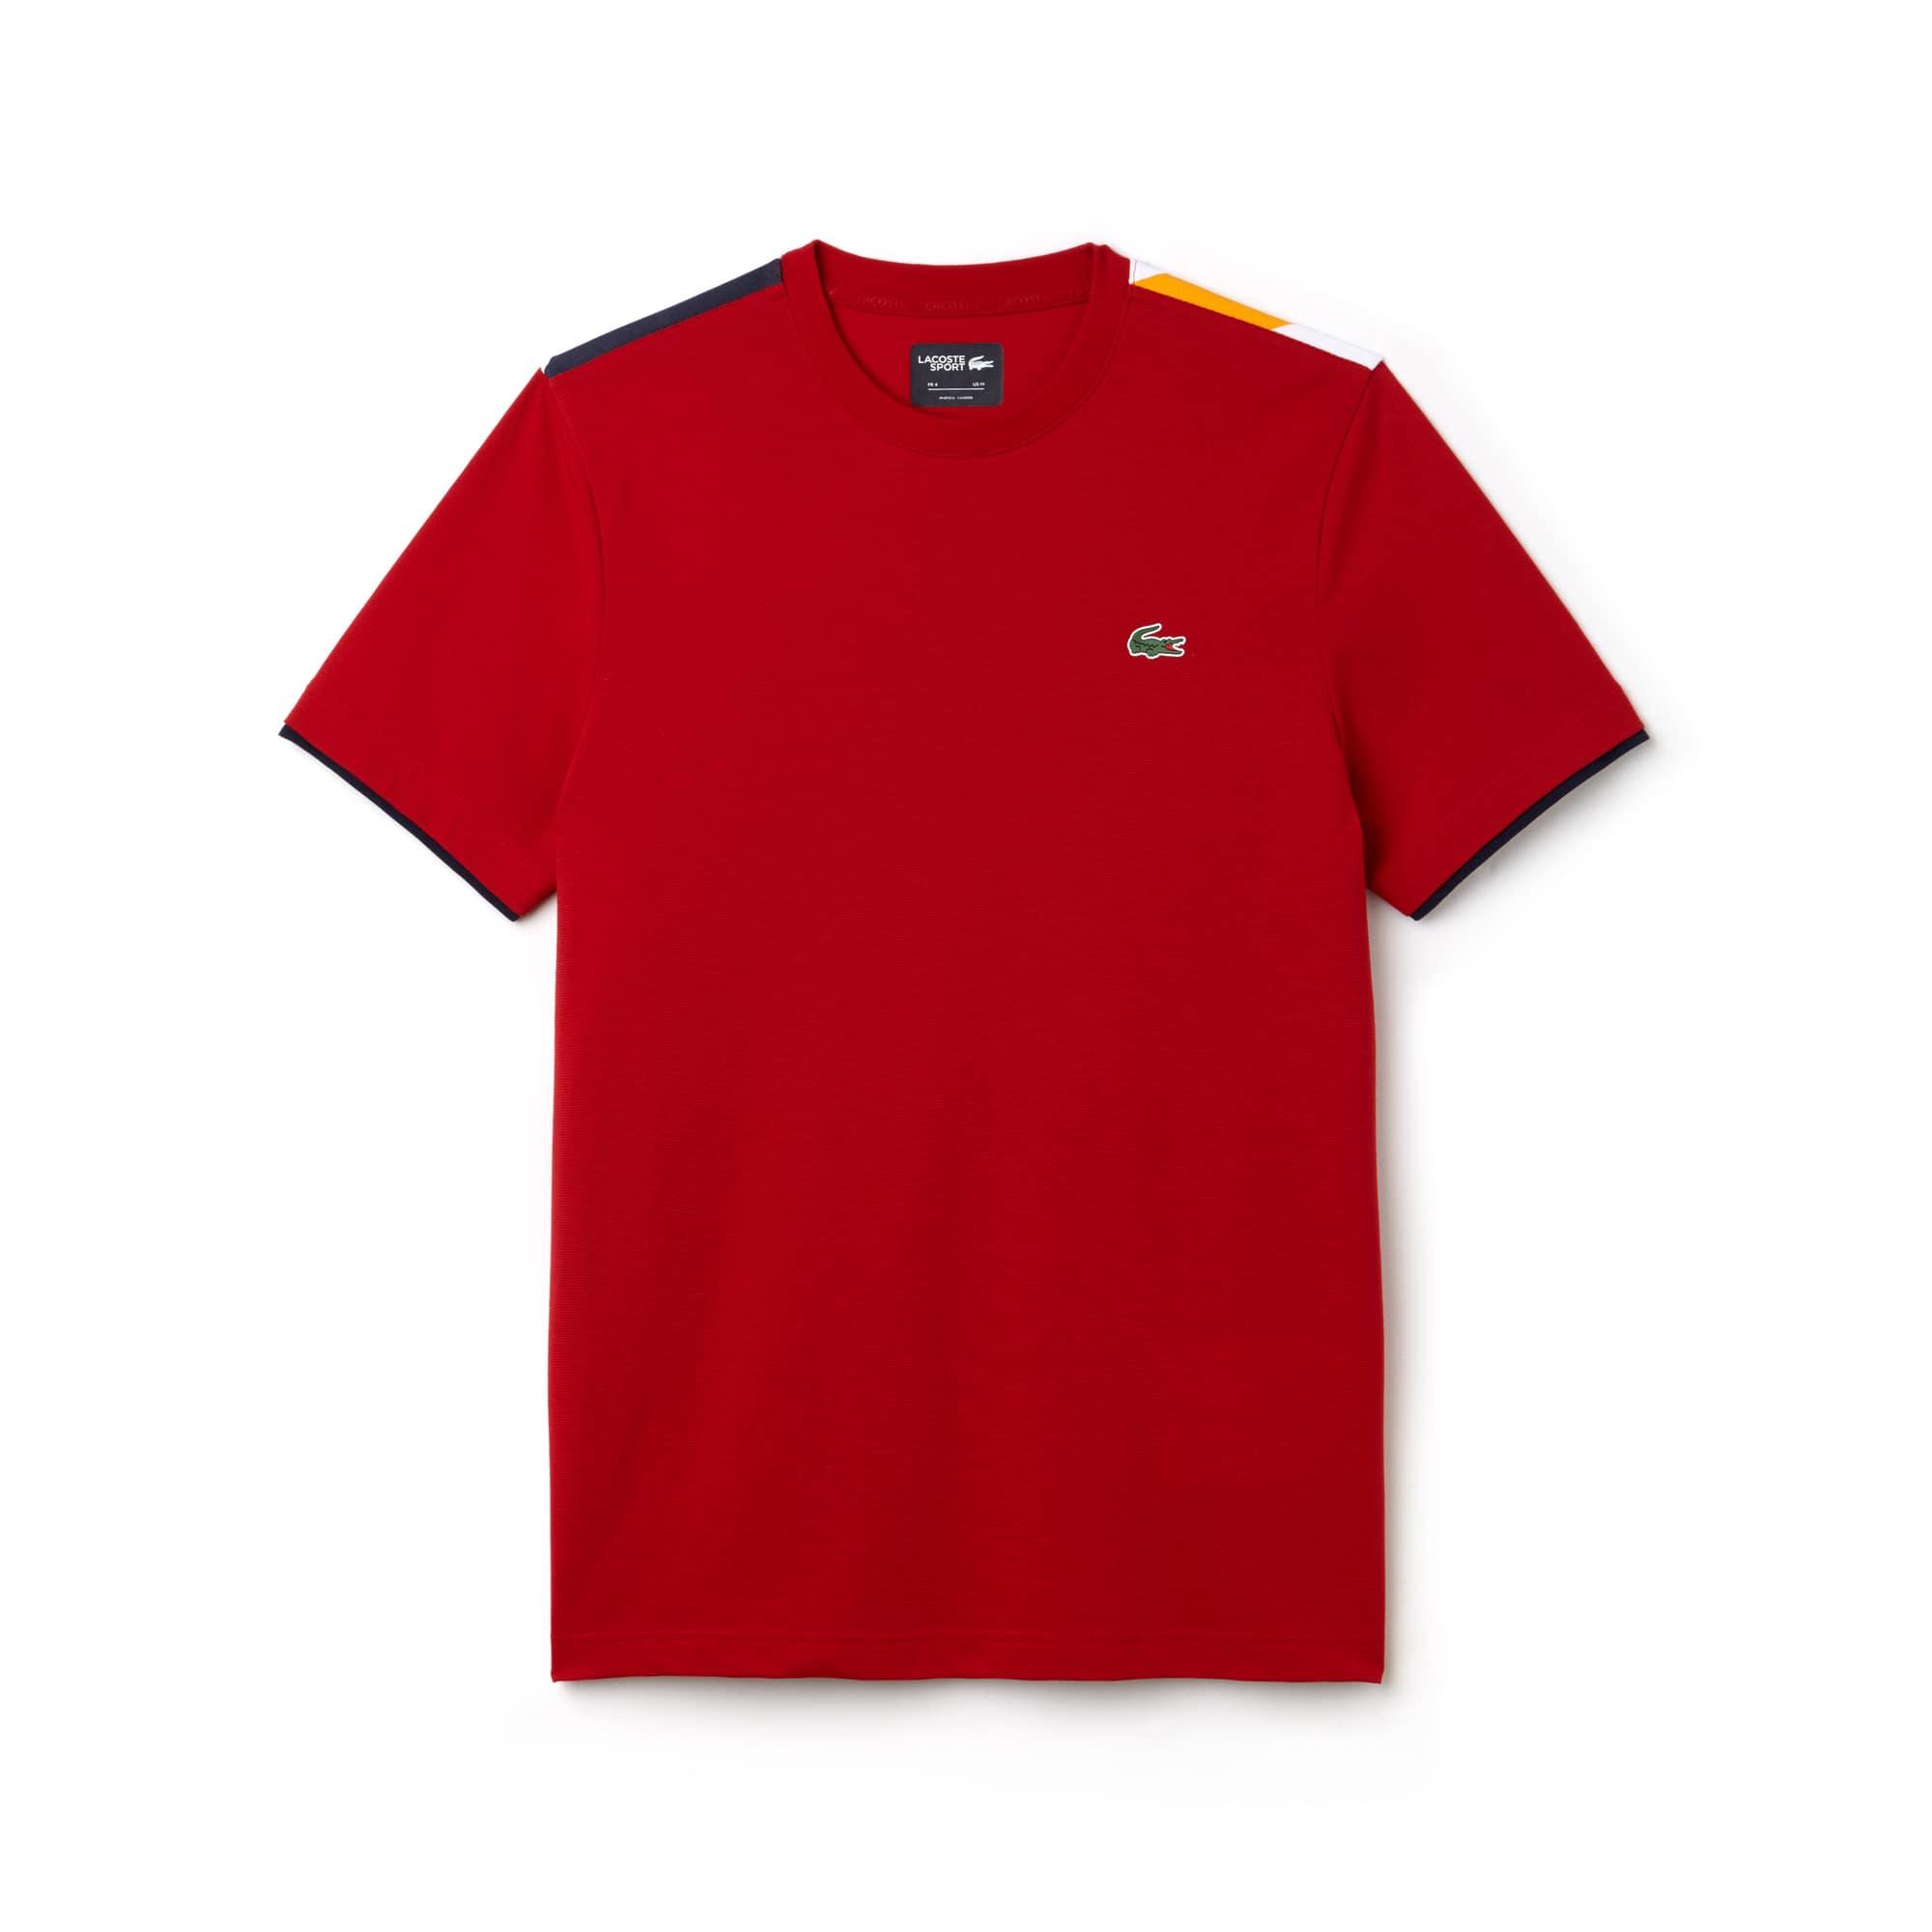 T-shirt a girocollo Tennis Lacoste SPORT in cotone ultra leggero con dettagli a contrasto